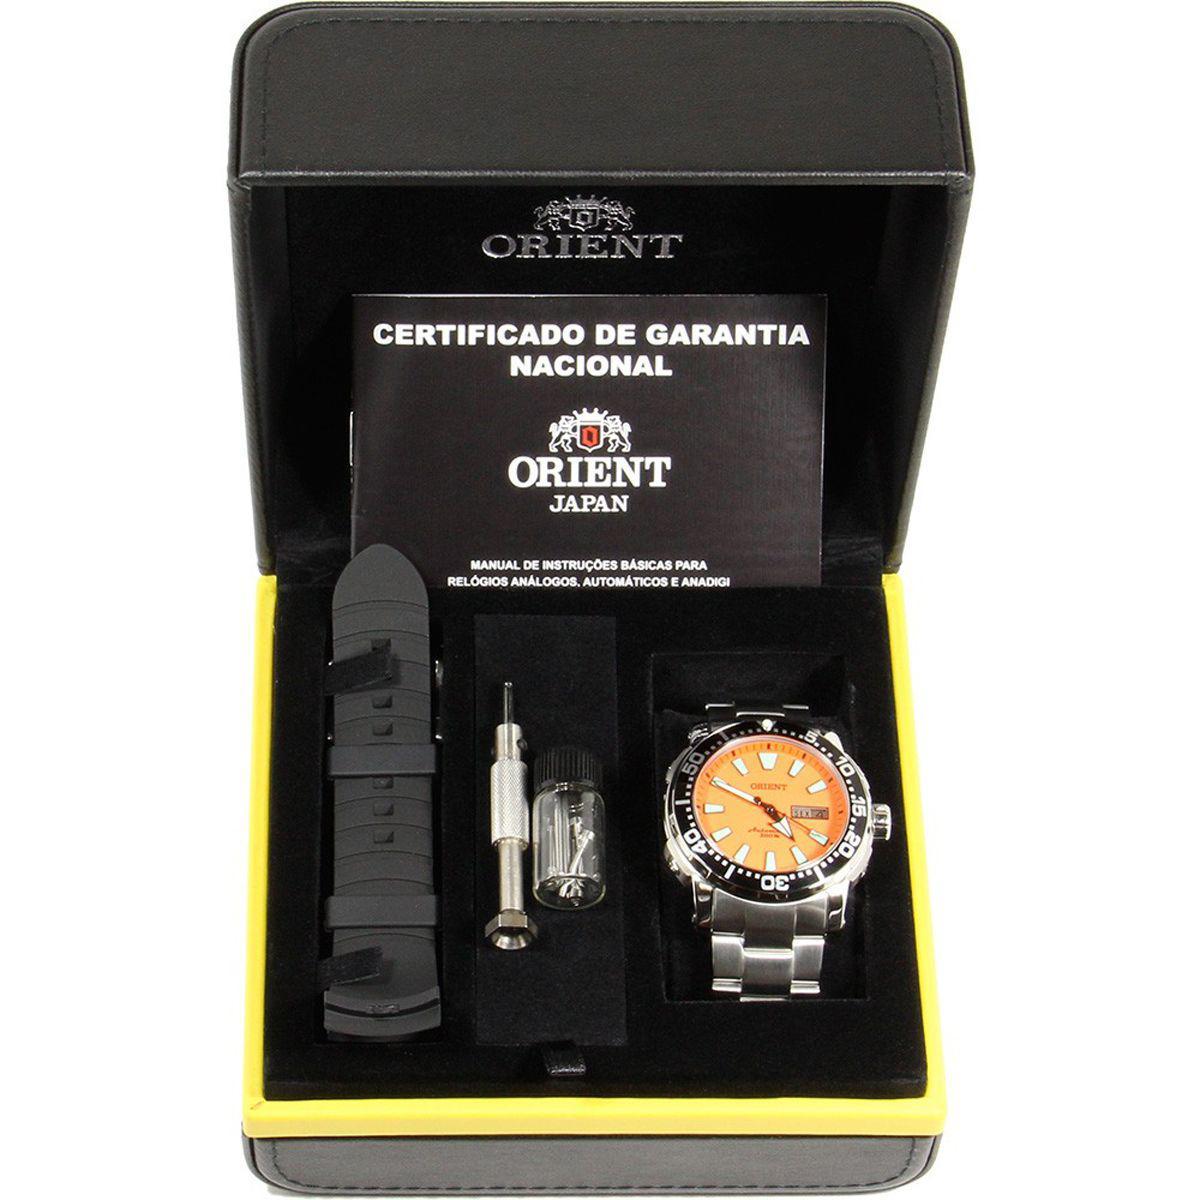 e17adde4409 Relógio Orient Automático Analógico Sport Troca Pulseira Diver39s Poseidon  Masculino 469SS040 O1S Produto não disponível